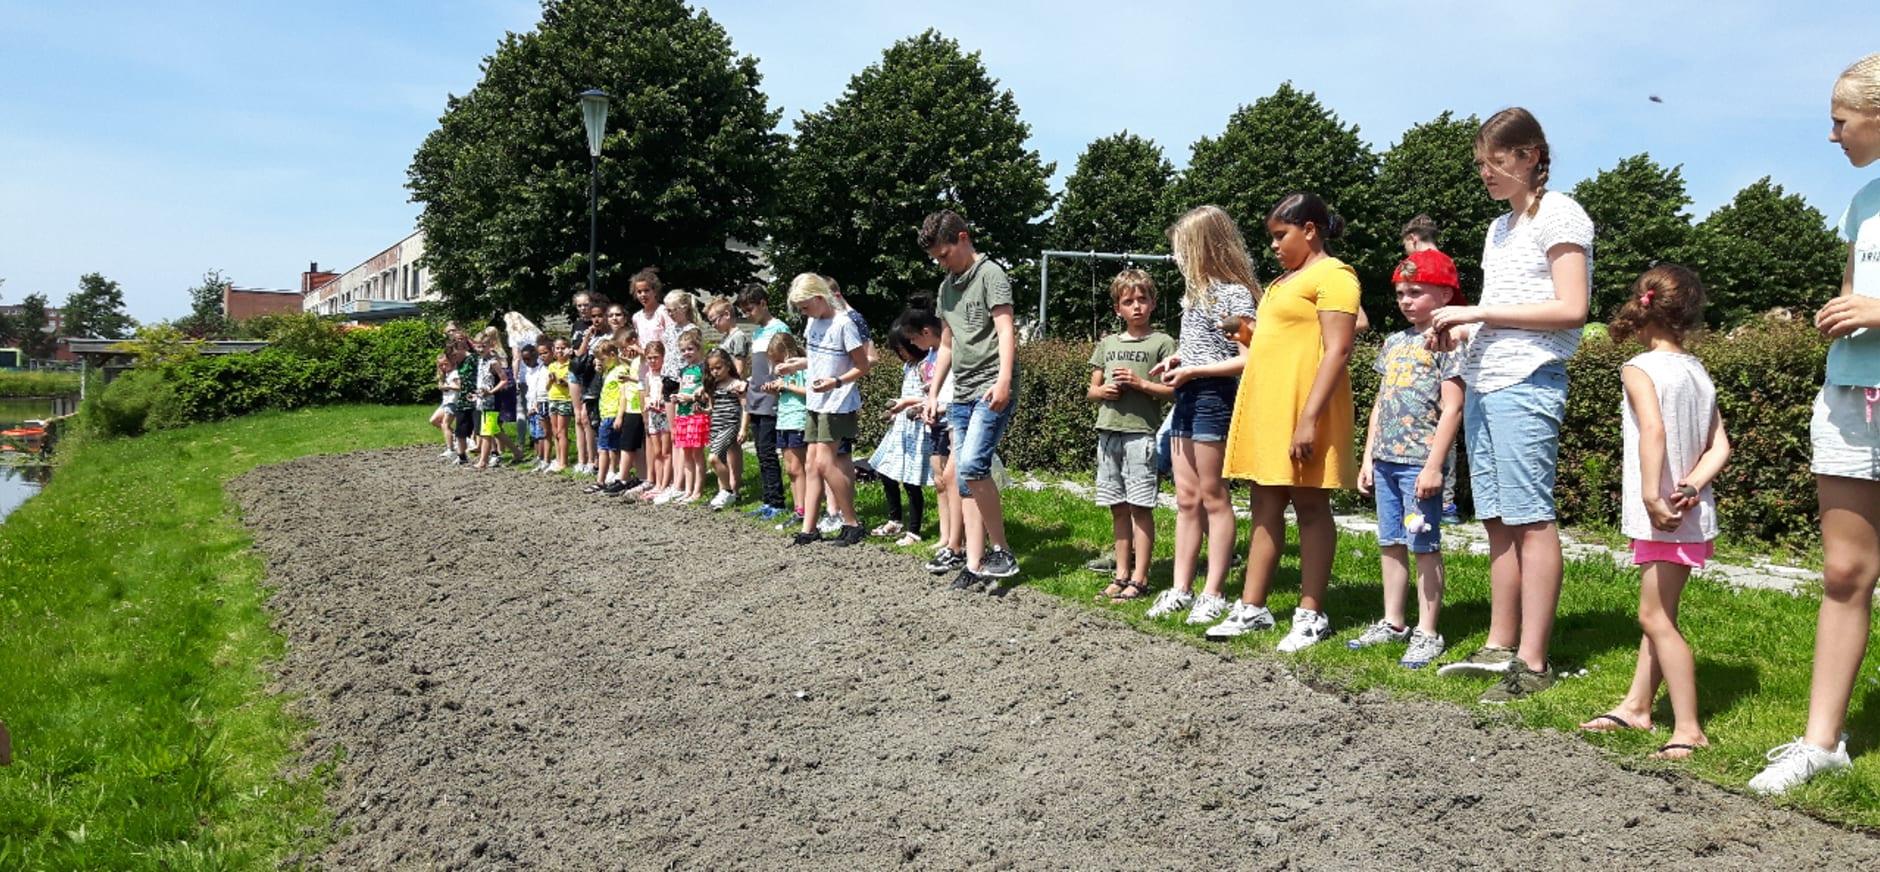 Basisschool De Vlindertuin maakt ruimte wilde bloemen